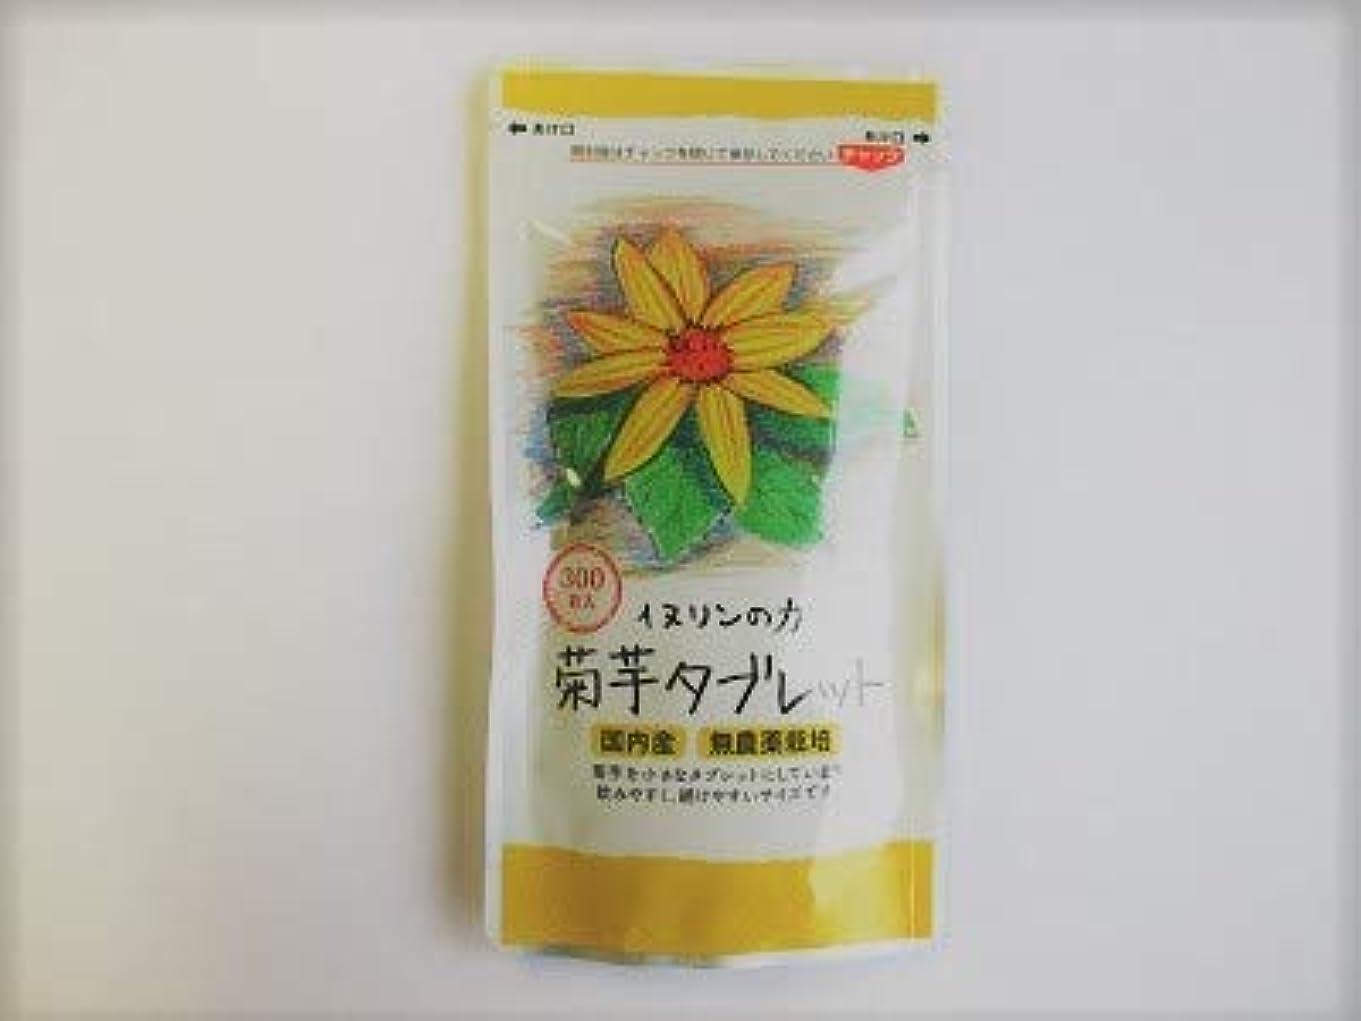 なかなかところでチーター菊芋タブレット 250mg×300粒 内容量:75g ★1袋で生菊芋=660g分相当です!